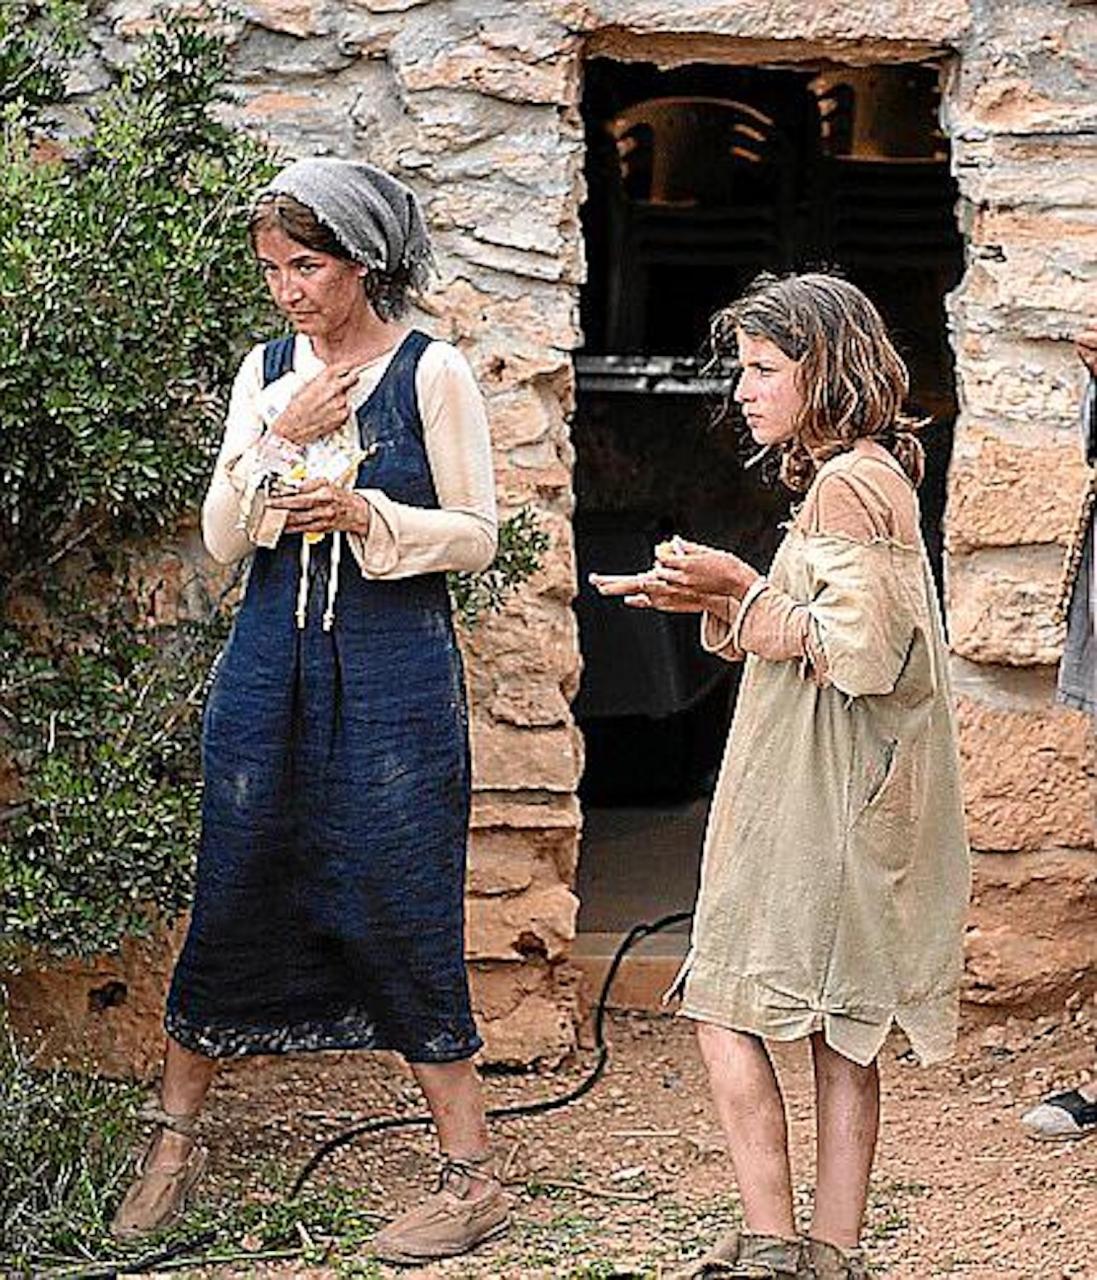 Filming of 'Piratas en Baleares' in Mallorca.